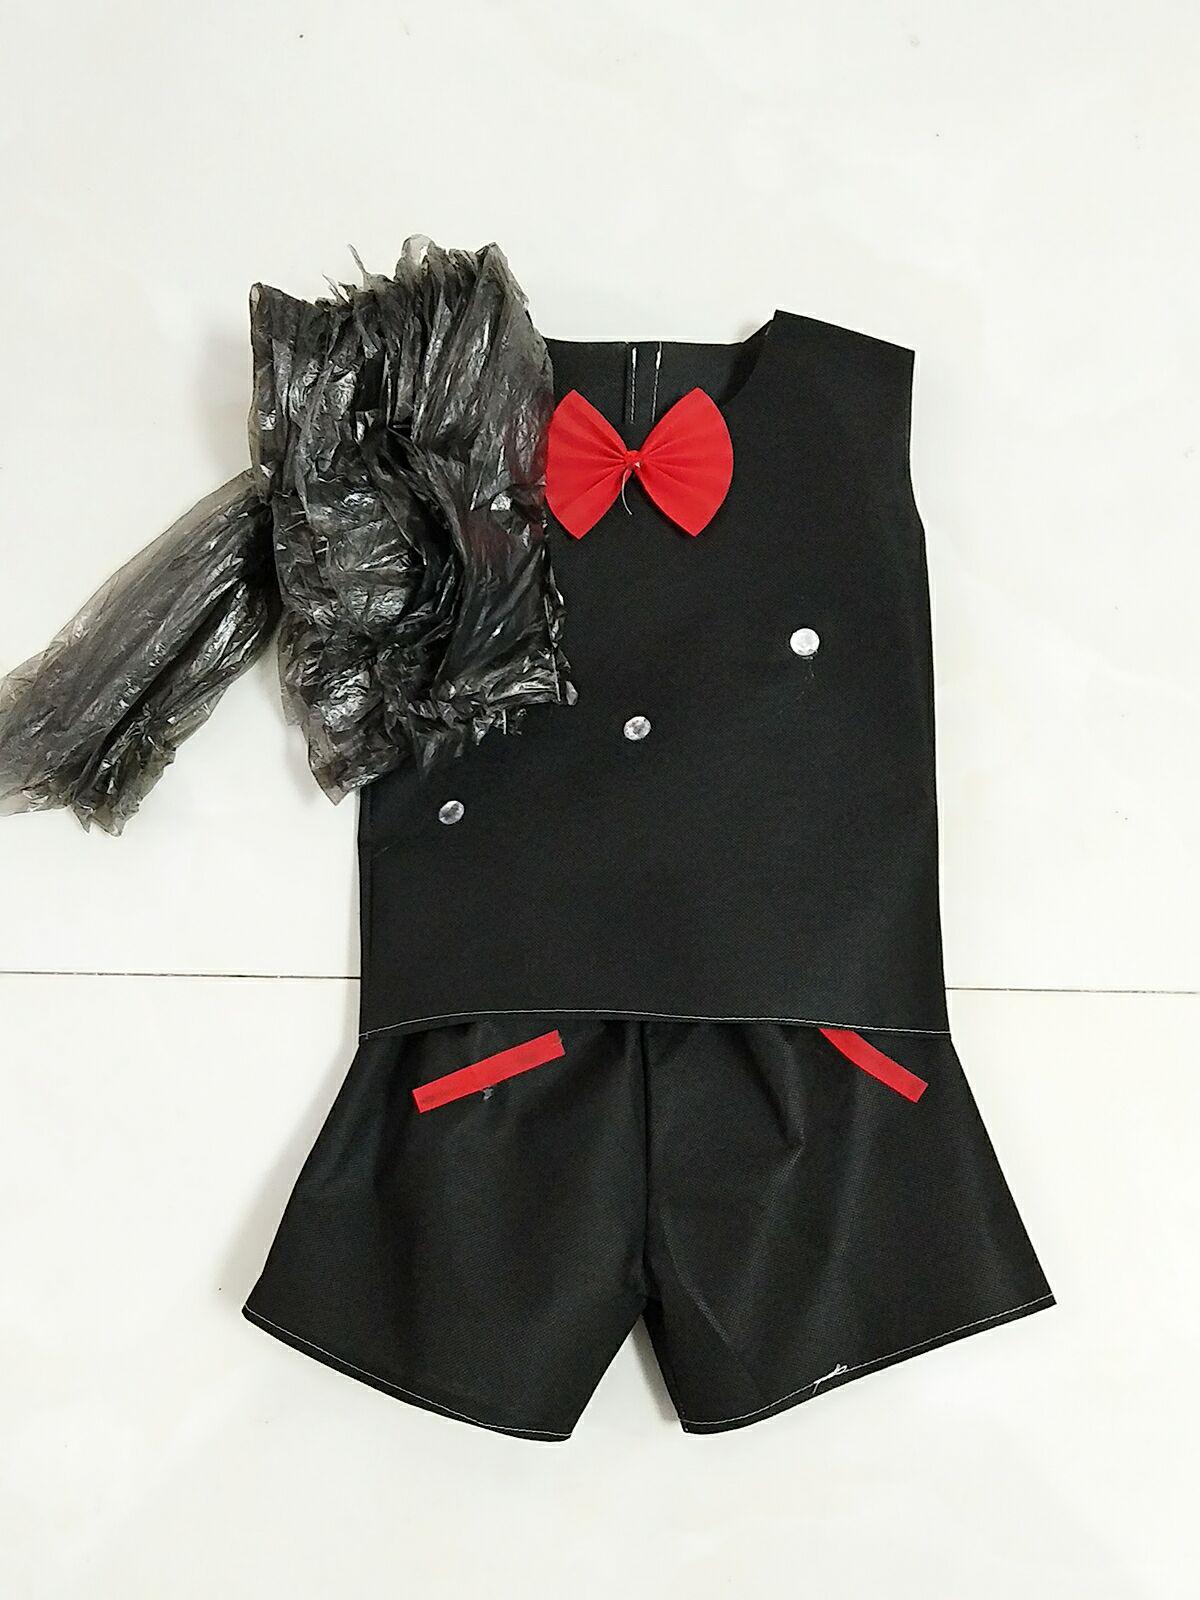 热卖17新款环保服装儿童时装秀演出服亲子装女公主裙diy亲子装走秀图片